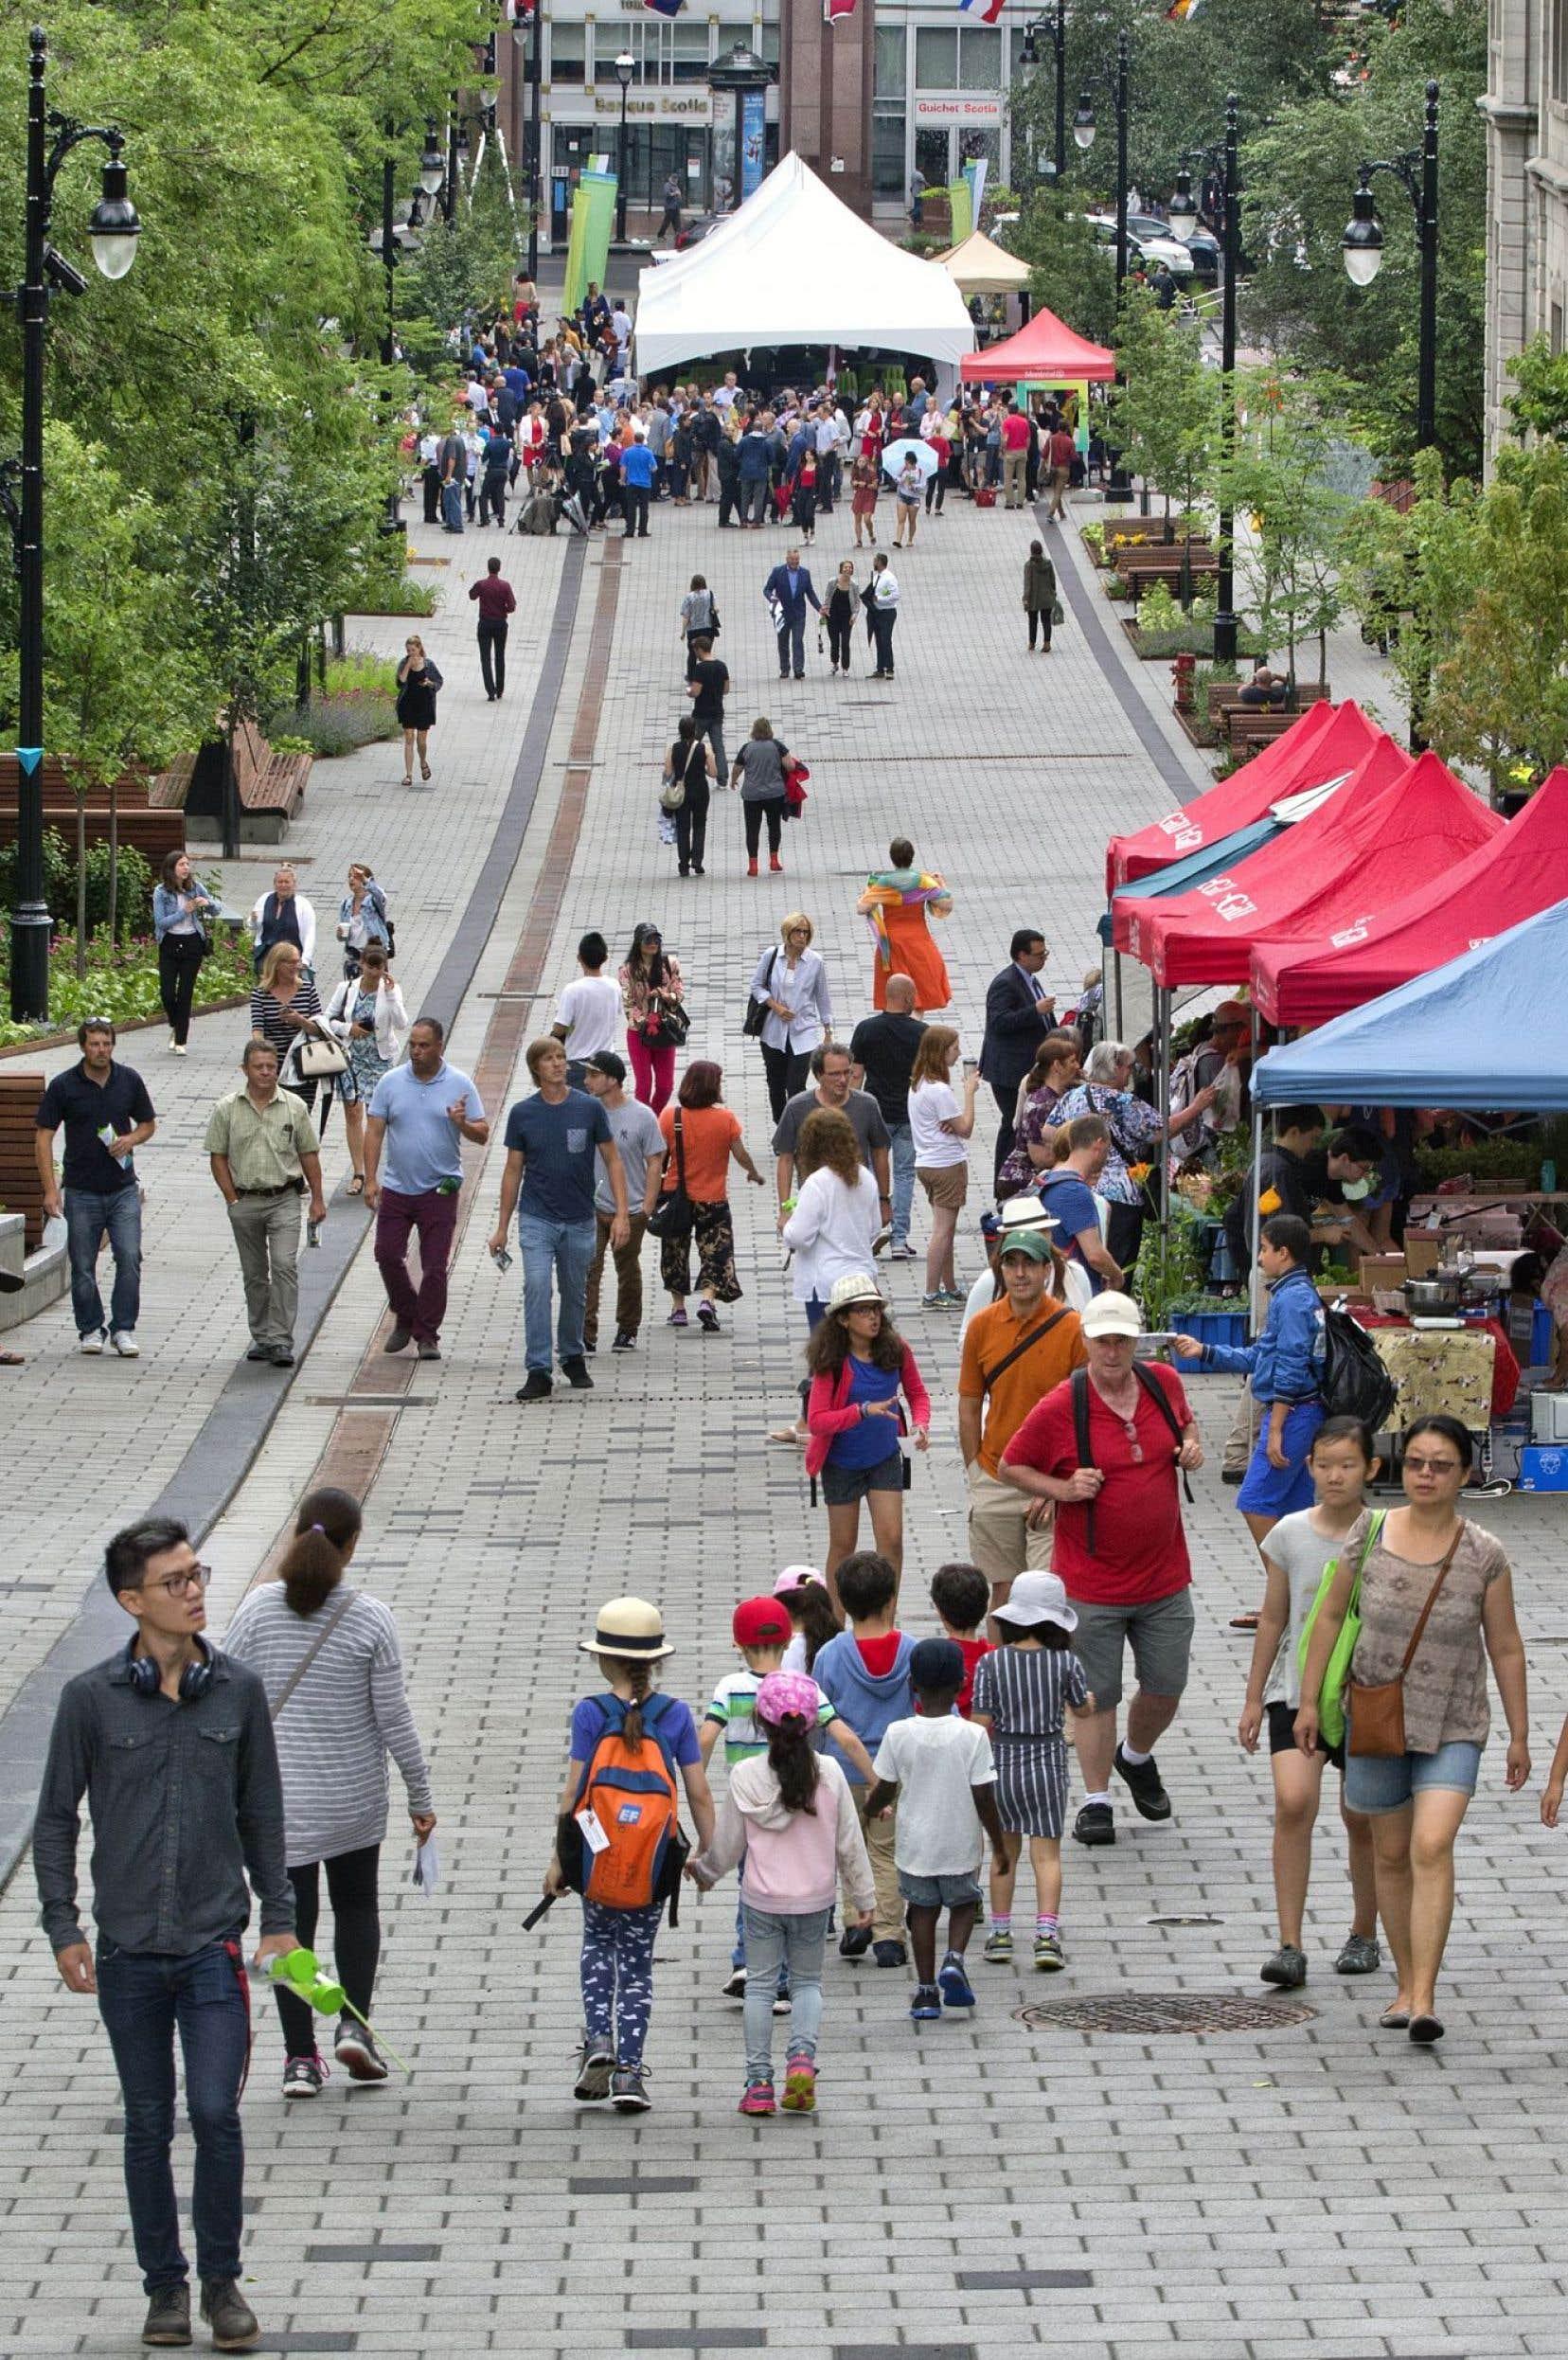 La promenade Fleuve-Montagne représente symboliquement la montée des premiers découvreurs qui, accompagnés de leurs guides autochtones, sont partis du fleuve pour aller jusqu'au sommet de la montagne.